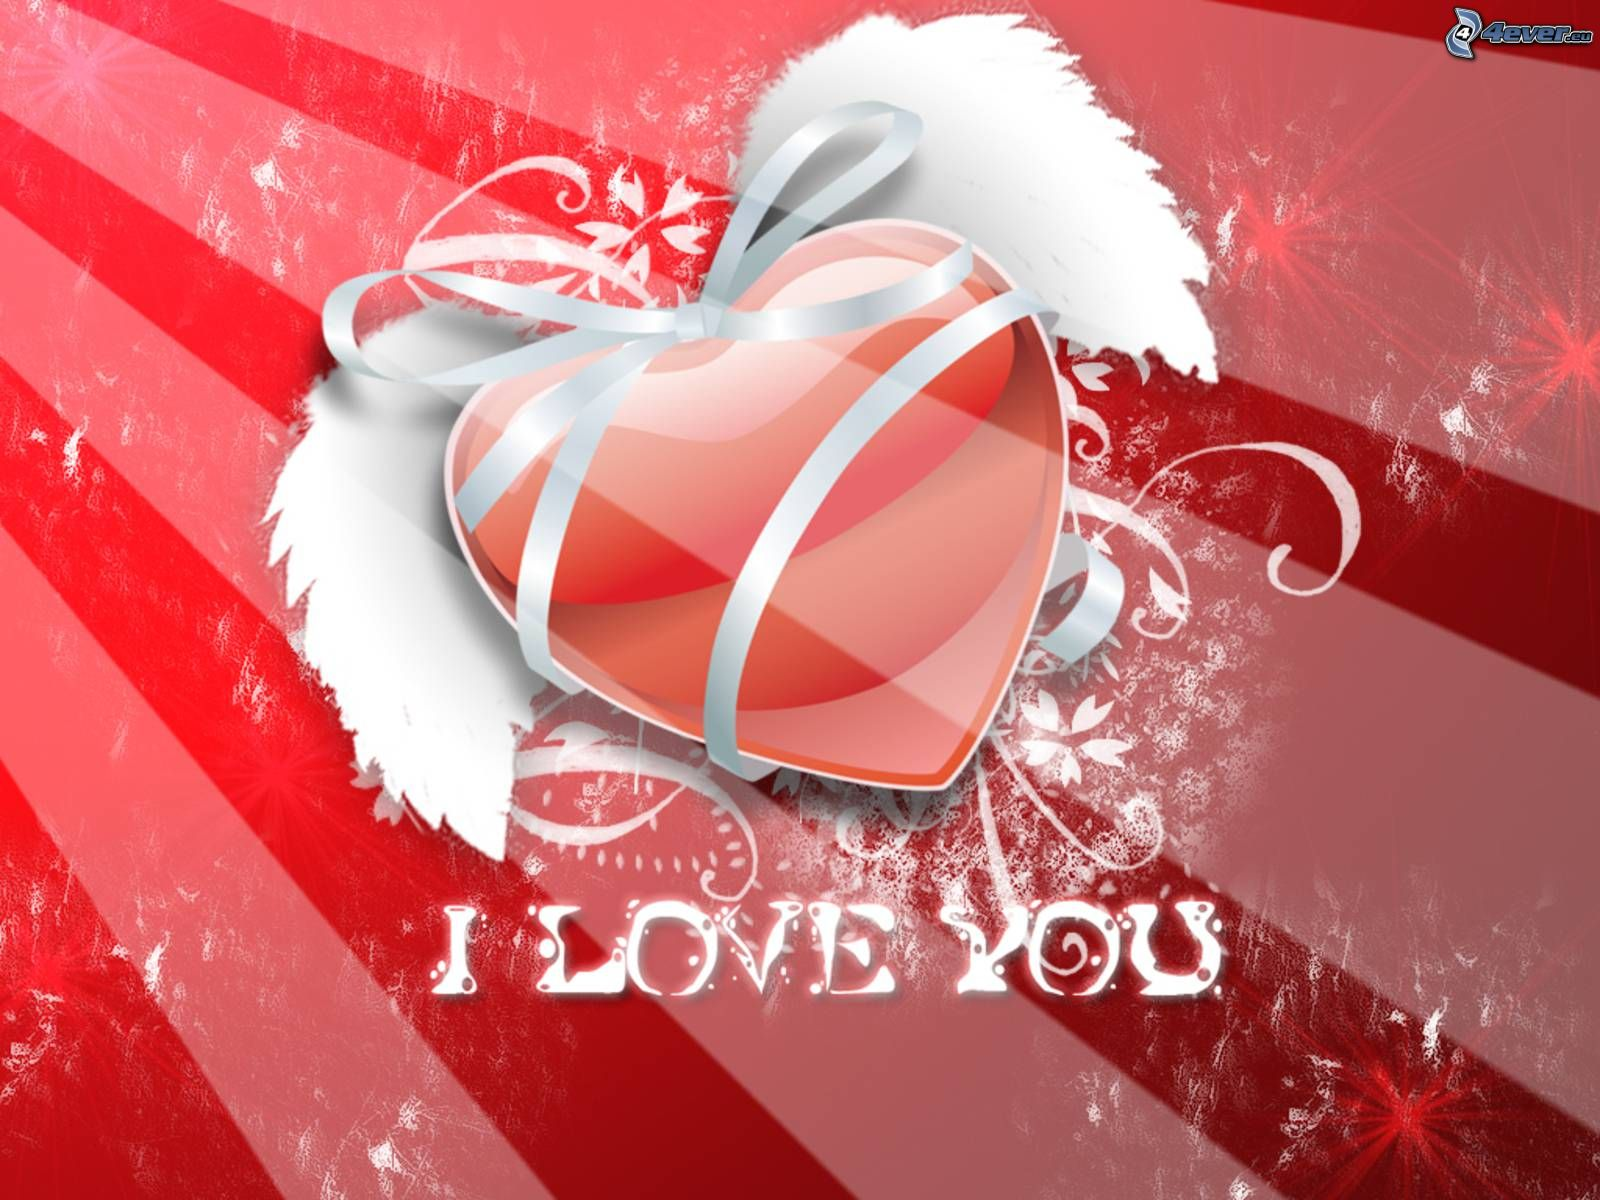 رومانسية 2013 2013 1367177223441.jpg